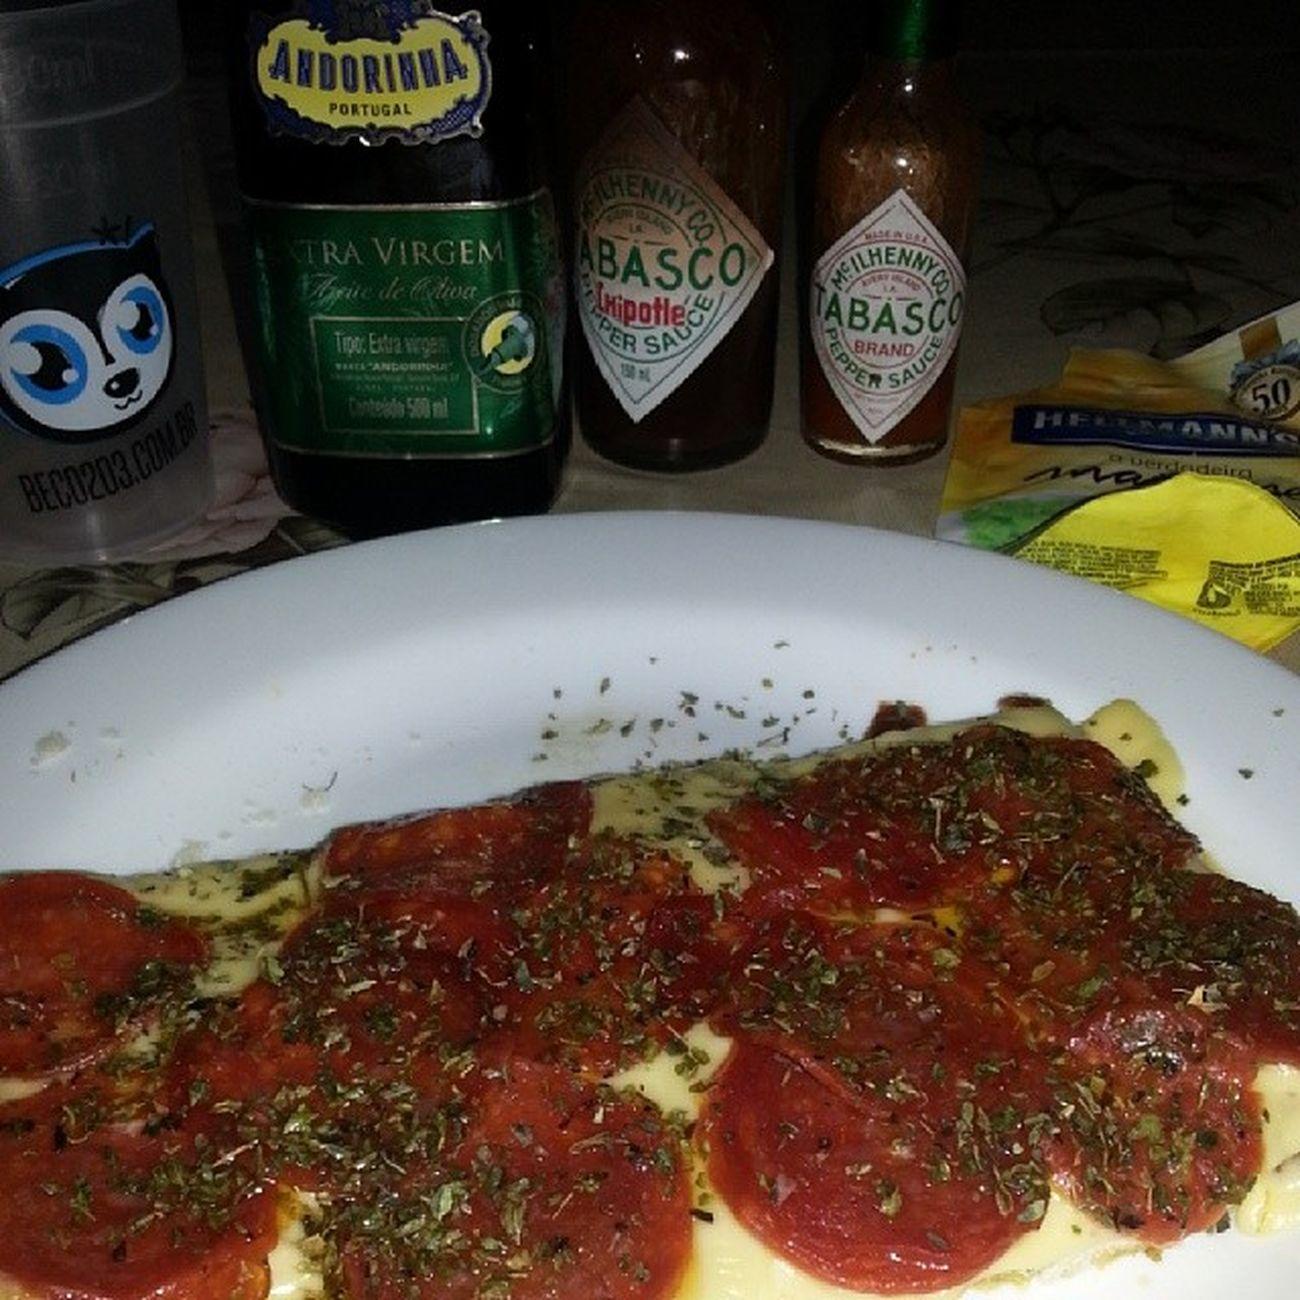 Pizza de pepperoni pra começar bem o dia haha